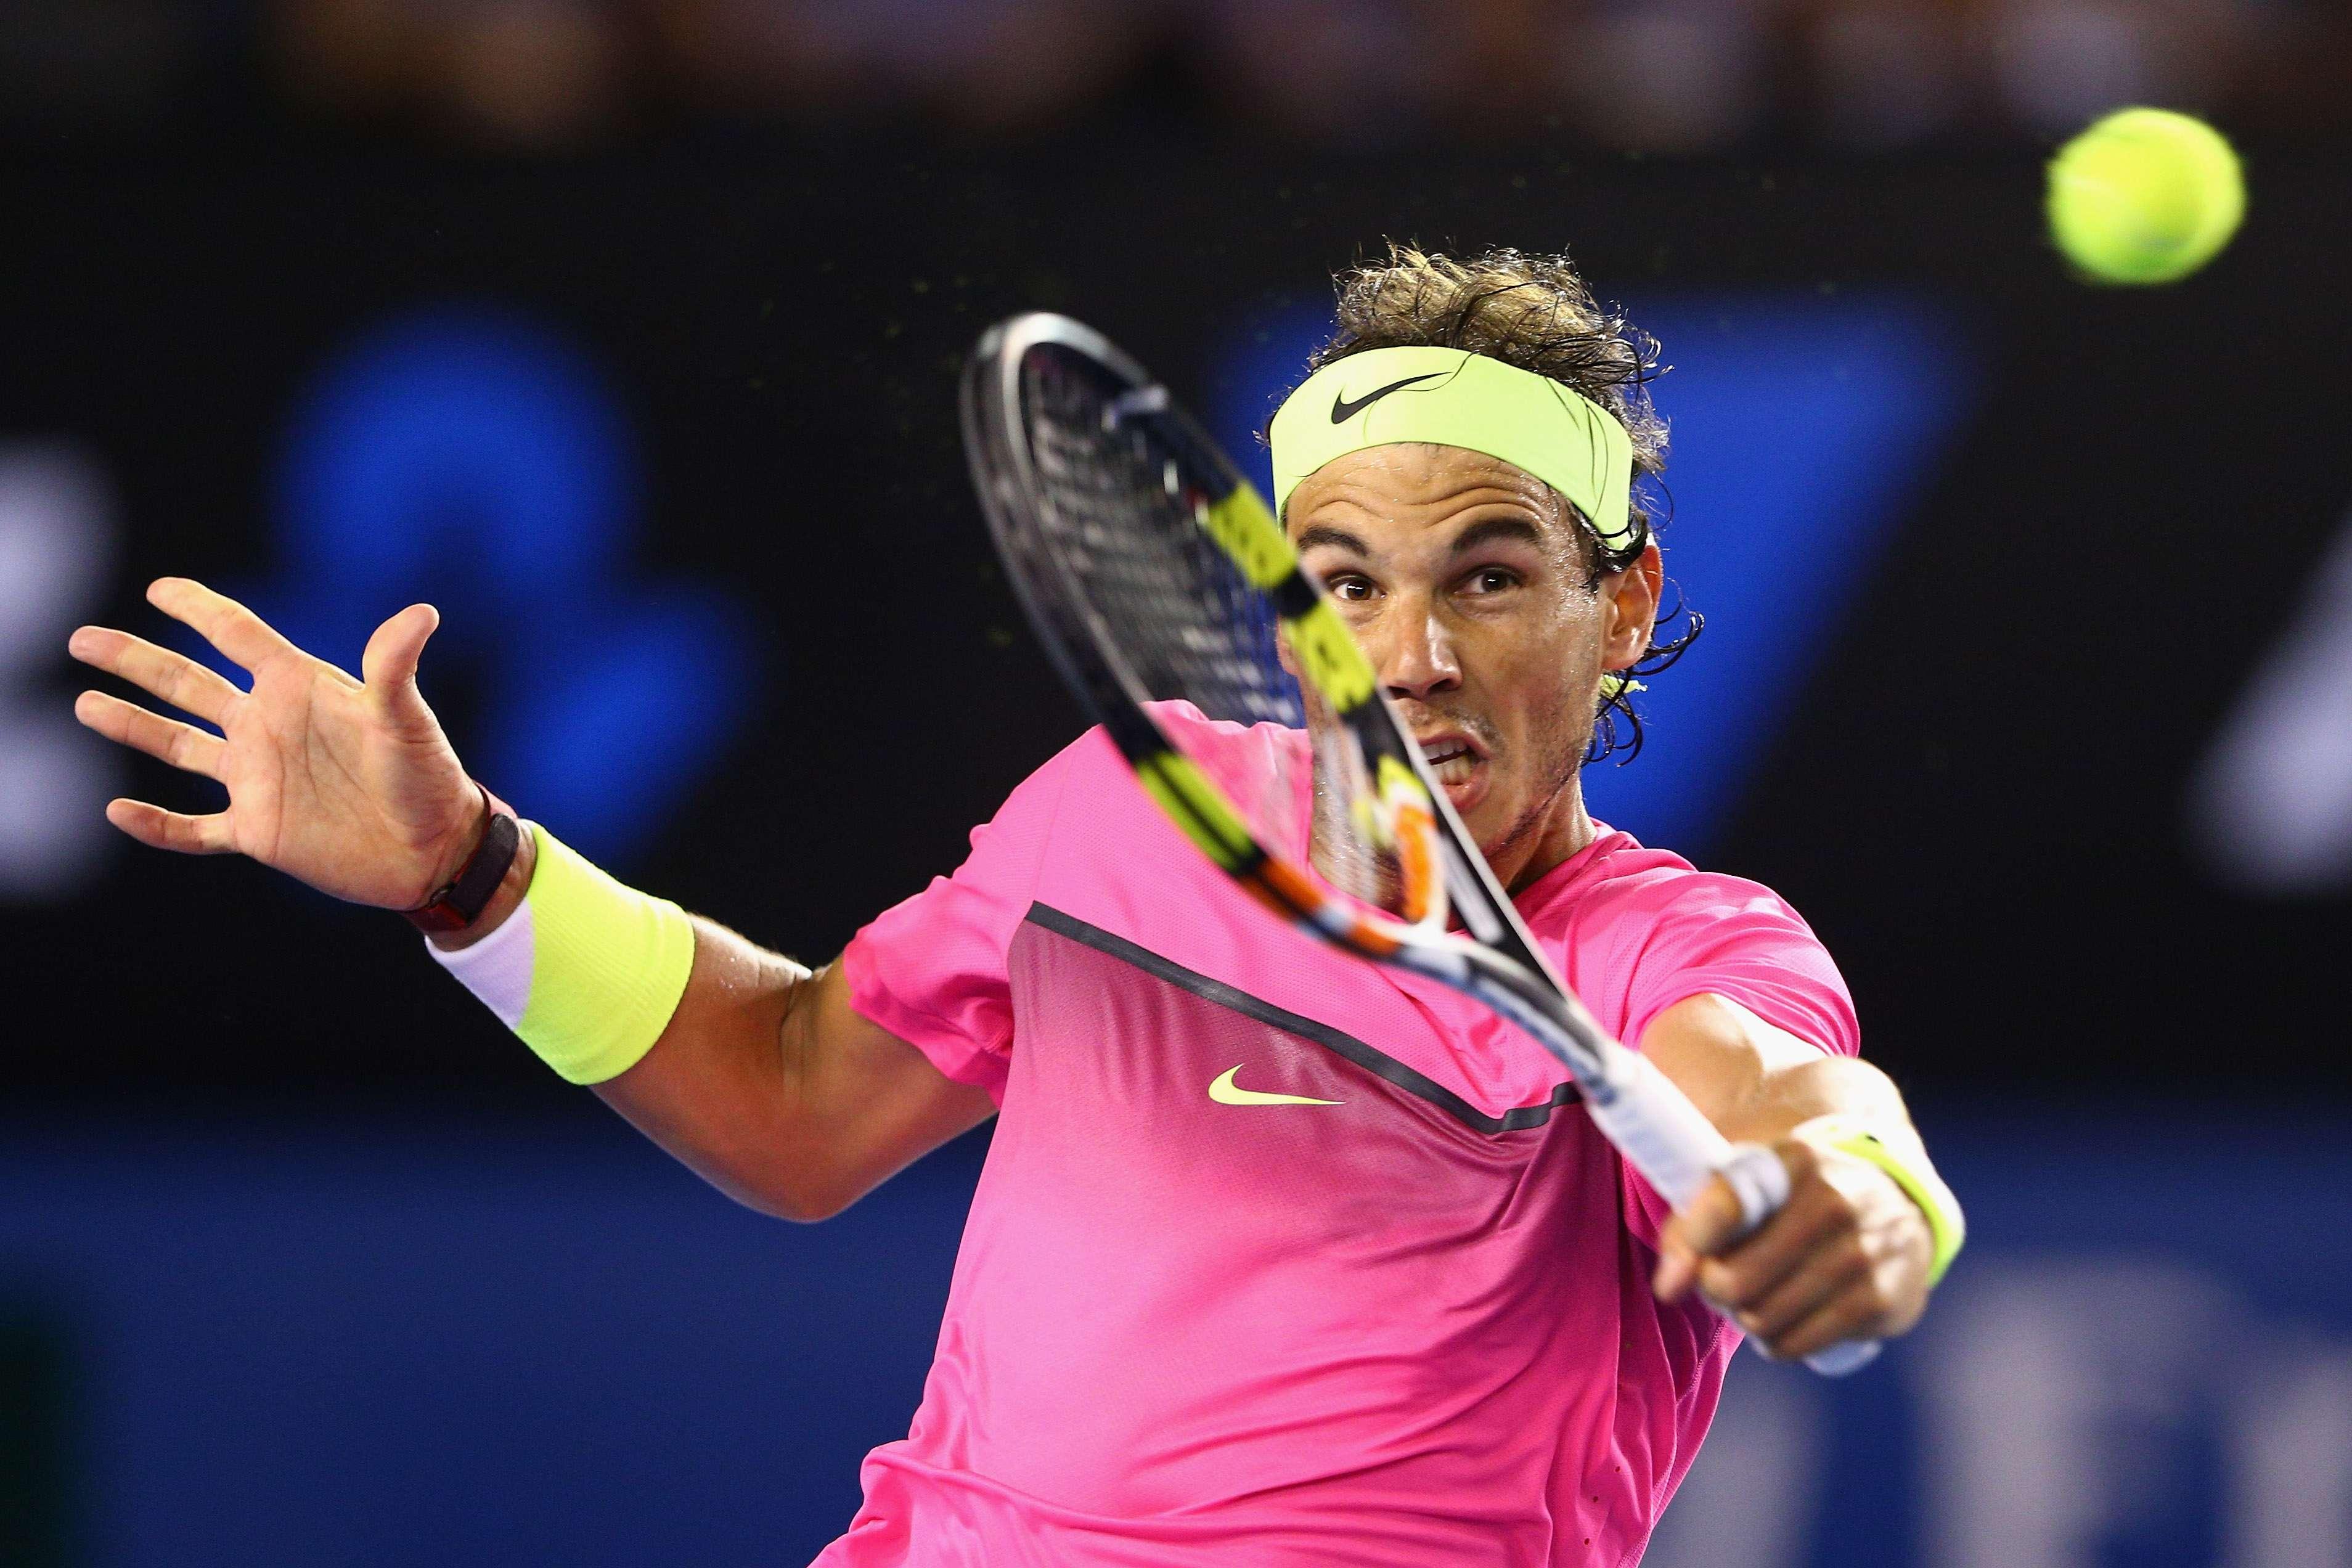 Rafa Nadal evidenció una gran mejoría en su juego. Foto: Getty Images